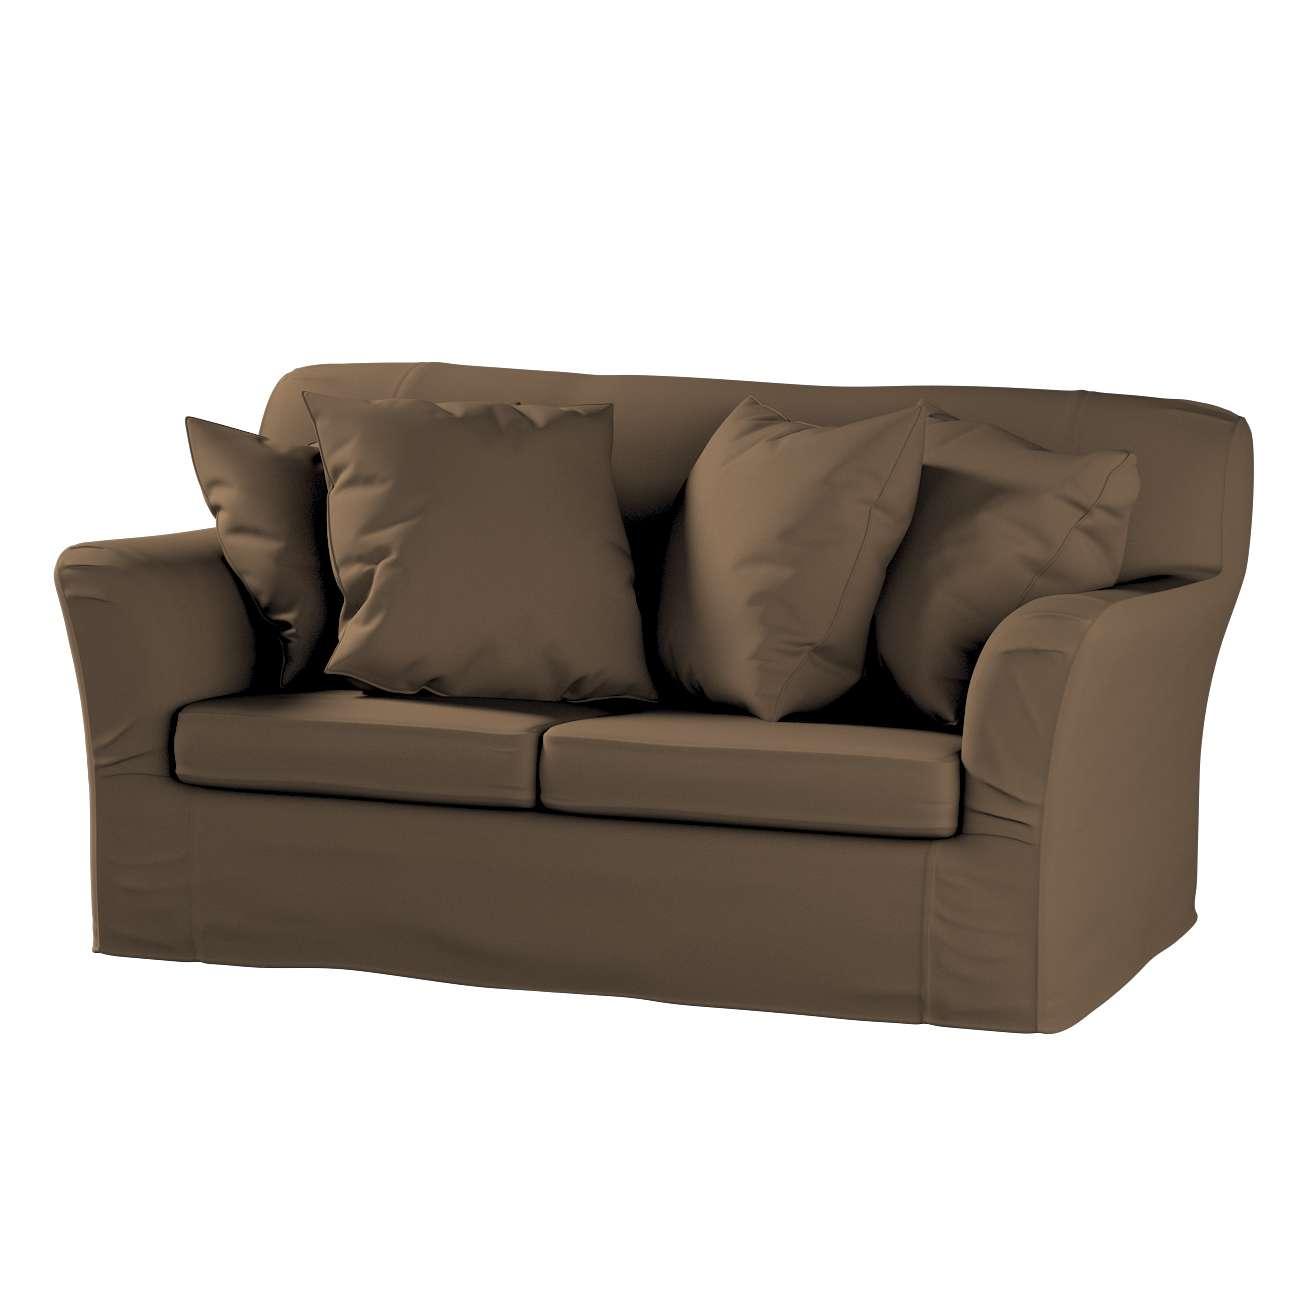 Tomelilla 2-seater sofa cover Tomelilla 2-seat sofa in collection Cotton Panama, fabric: 702-02